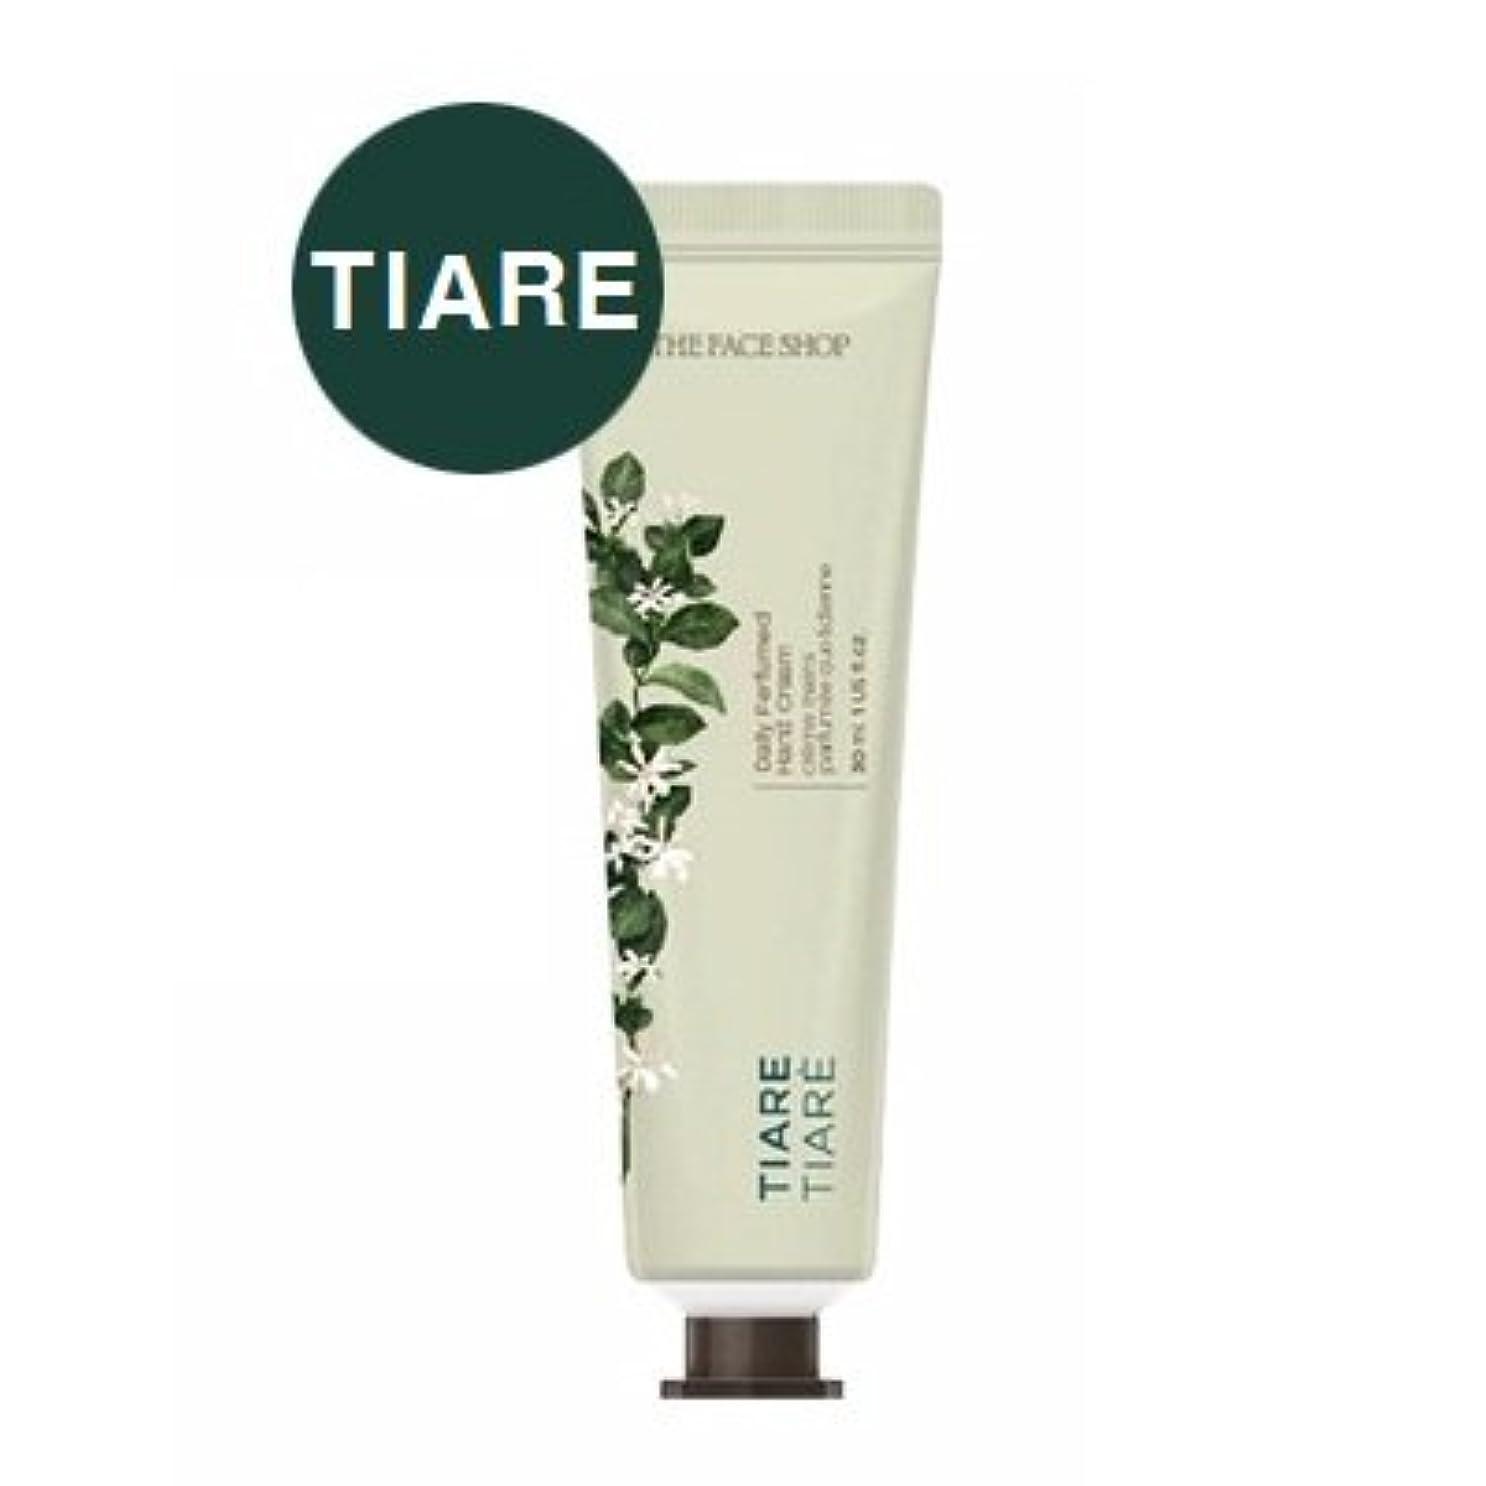 ささやき滴下コーデリアTHE FACE SHOP Daily Perfume Hand Cream [02. Tiare] ザフェイスショップ デイリーパフュームハンドクリーム [02. ティアレ] [new] [並行輸入品]